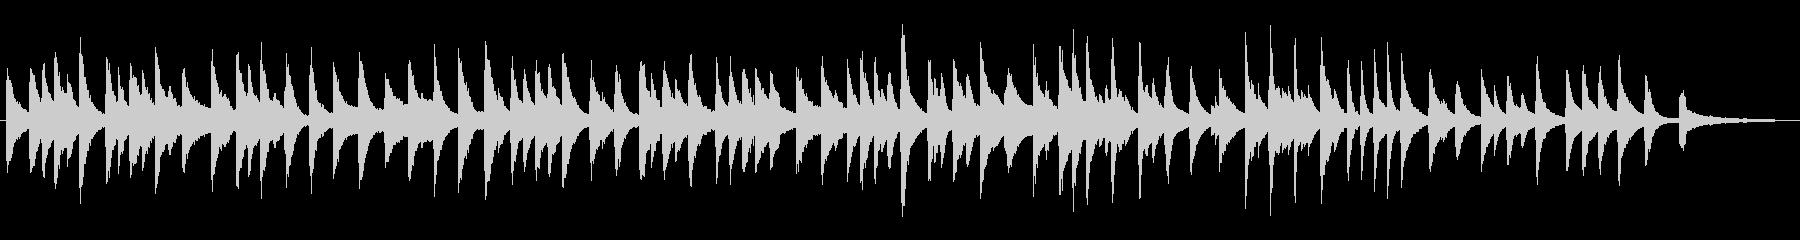 大きな栗の木の下で/ラウンジピアノソロの未再生の波形